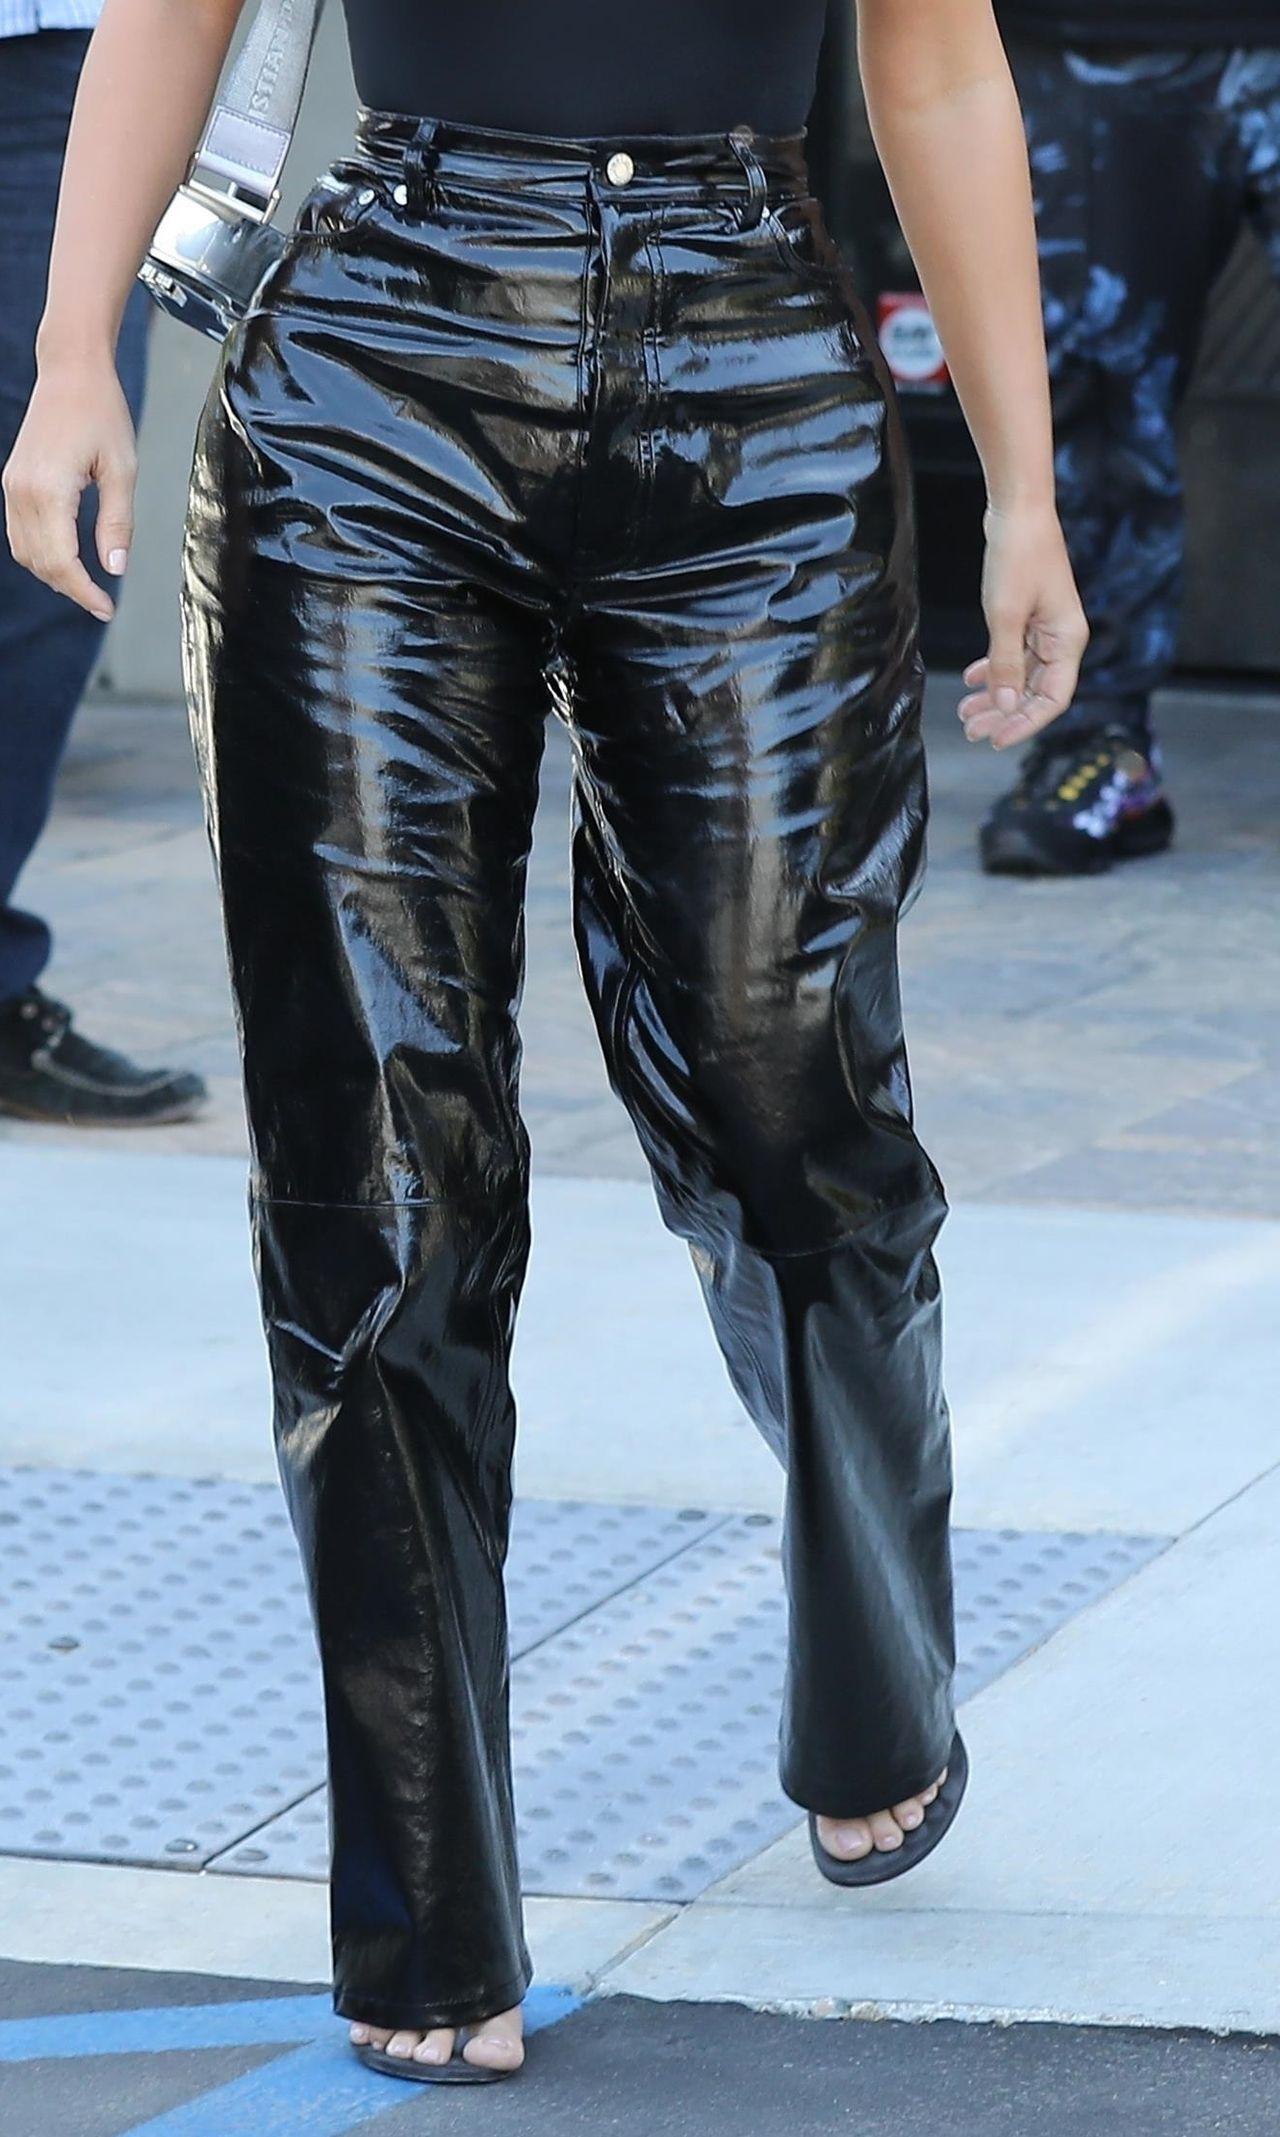 Czy ty TAM nie śmierdzisz? Fanki Kim Kardashian na widok nowych spodni celebrytki (ZDJĘCIA)